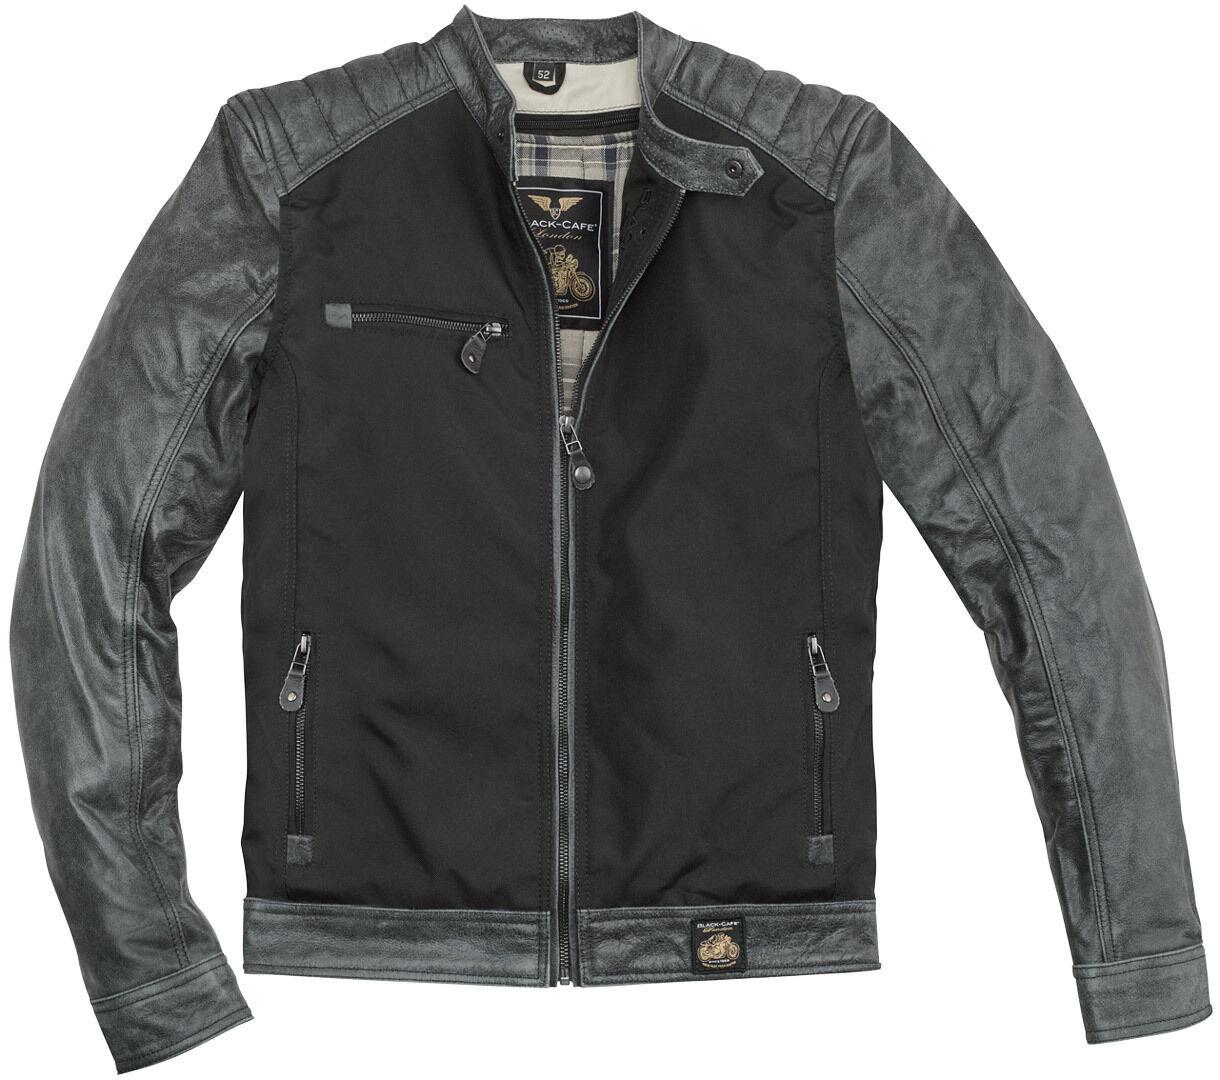 Black-Cafe London Johannesburg Cuir de moto / Veste textile Noir Gris taille : 48